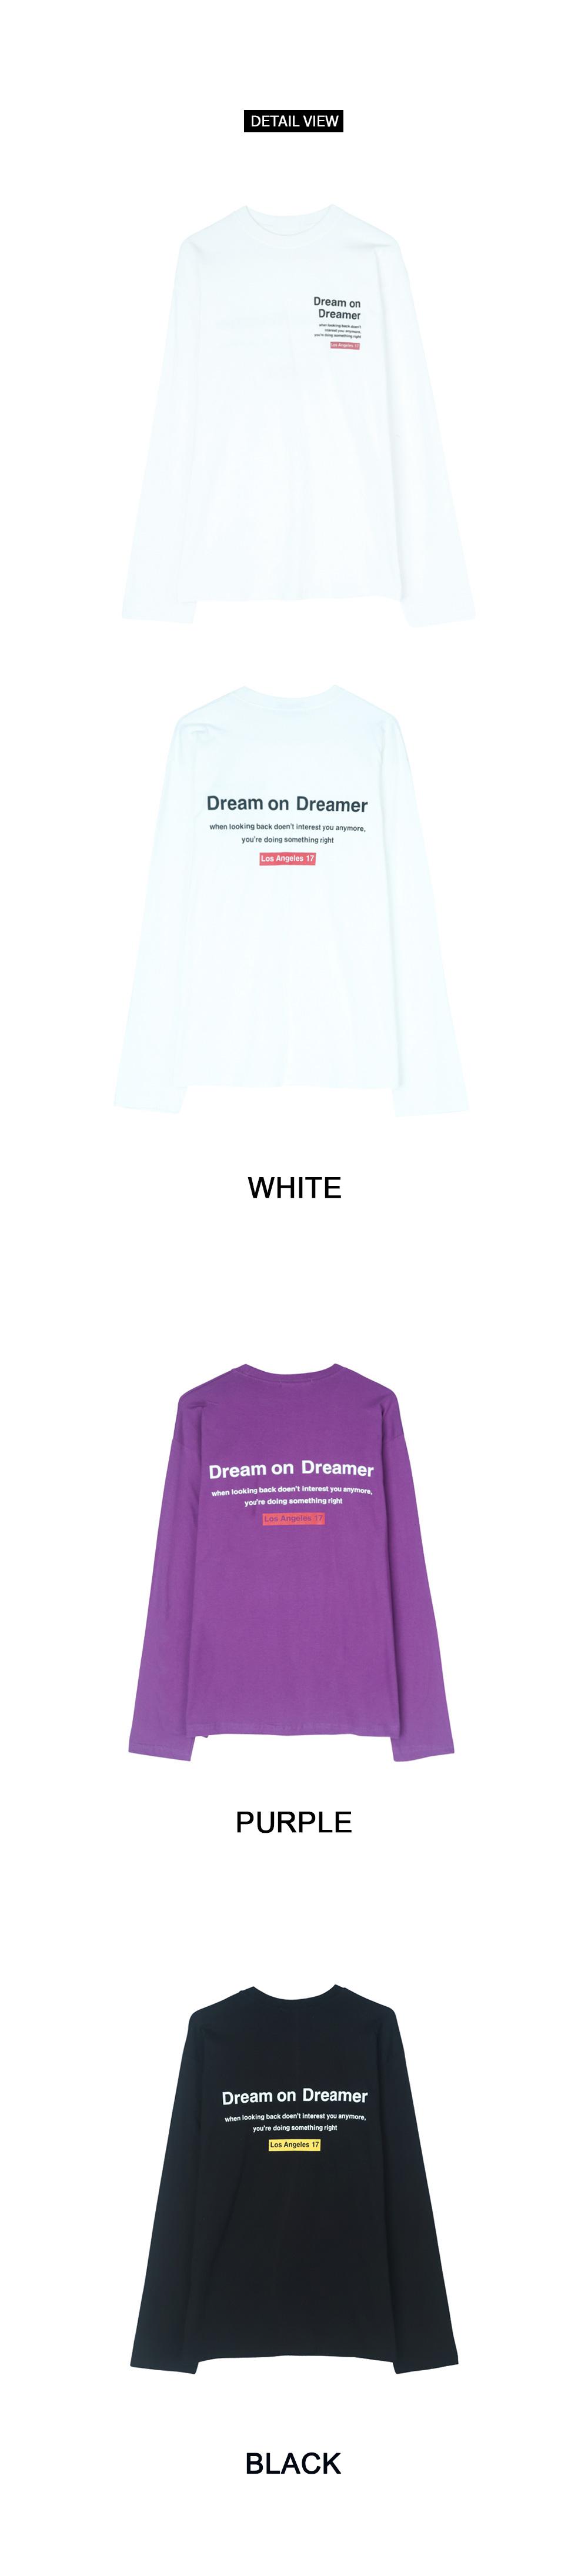 Seventeen Dreamer T-shirt